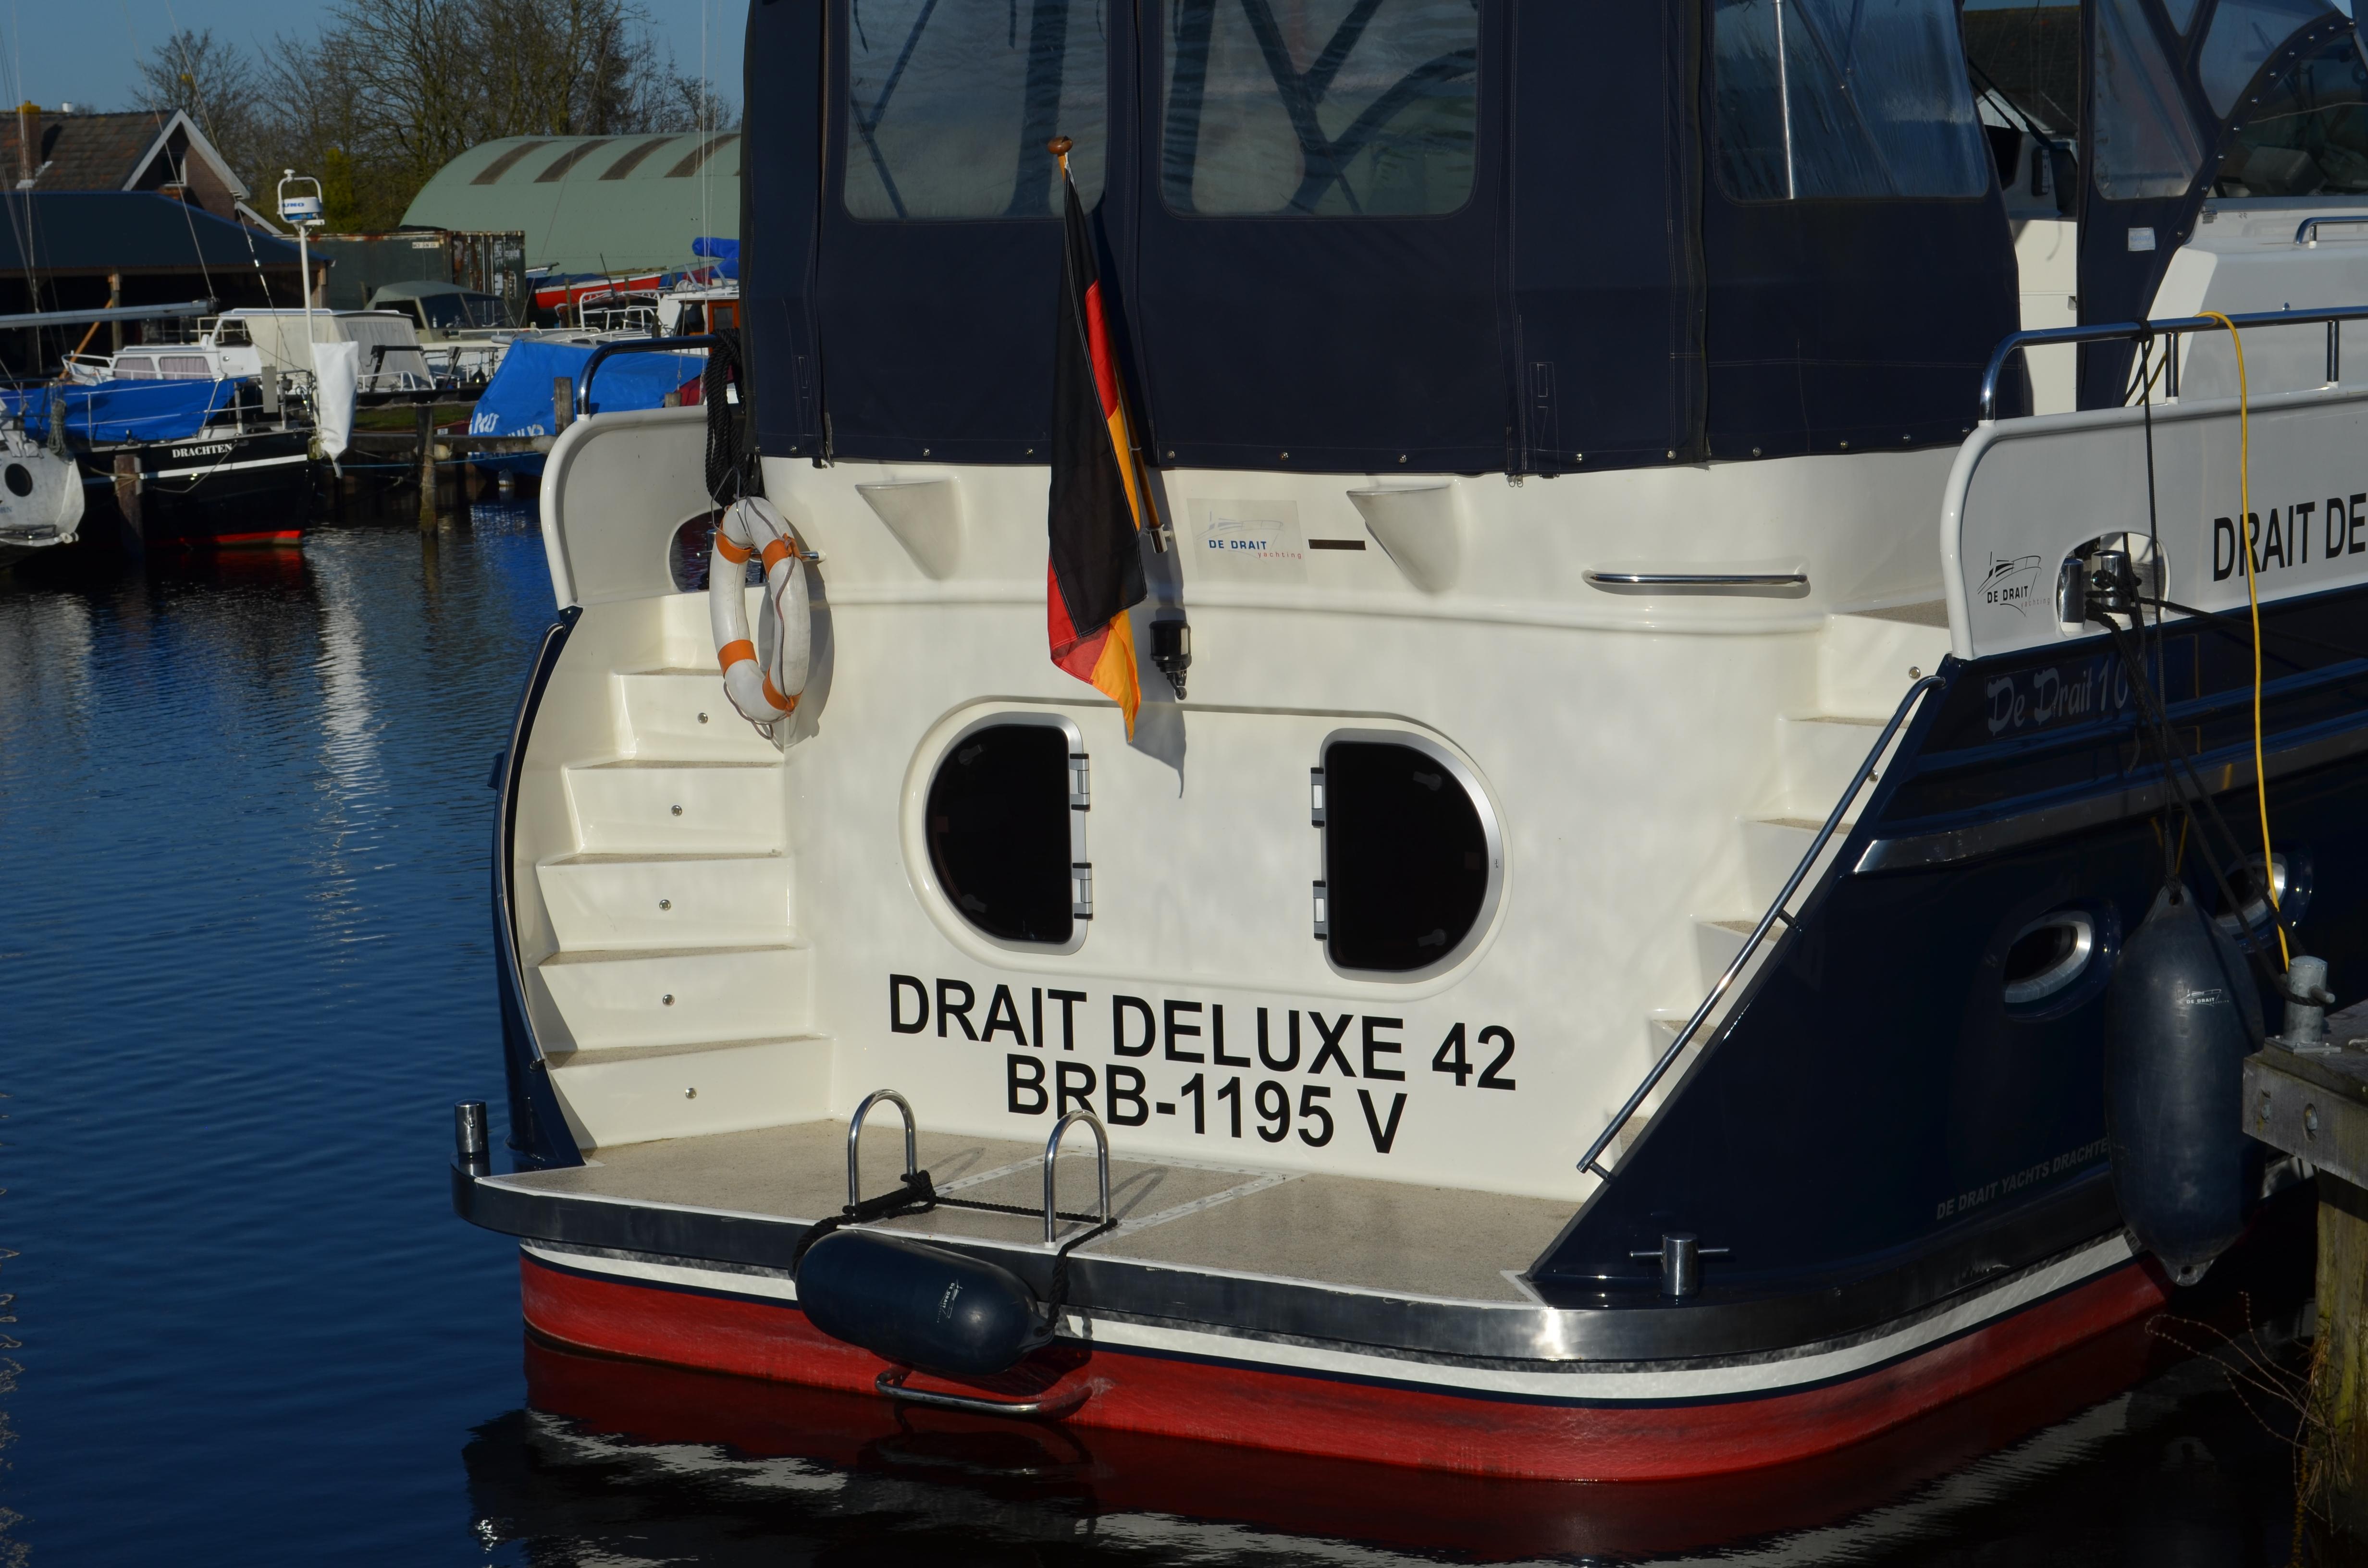 DeLuxe 42 (Drait 99)  - 11